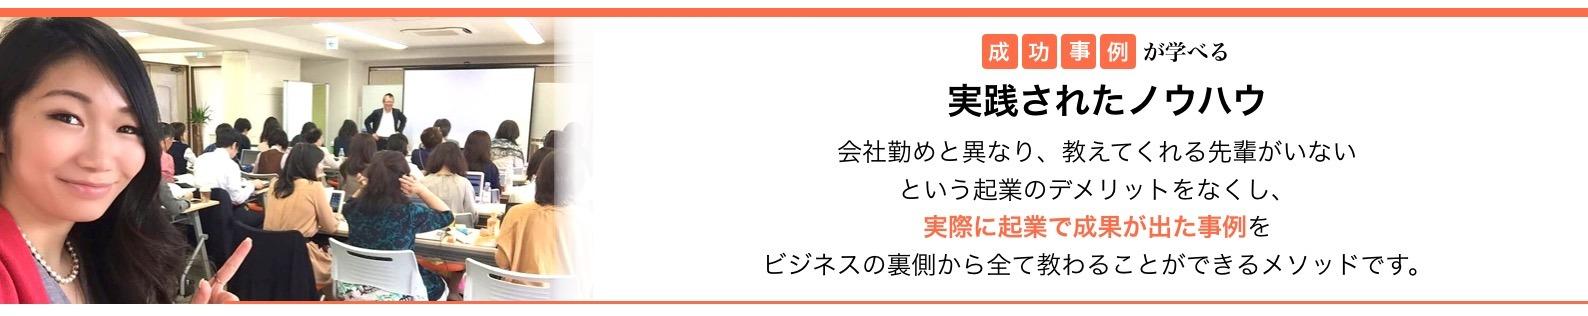 スクリーンショット 2018-09-12 18.39.21.jpg